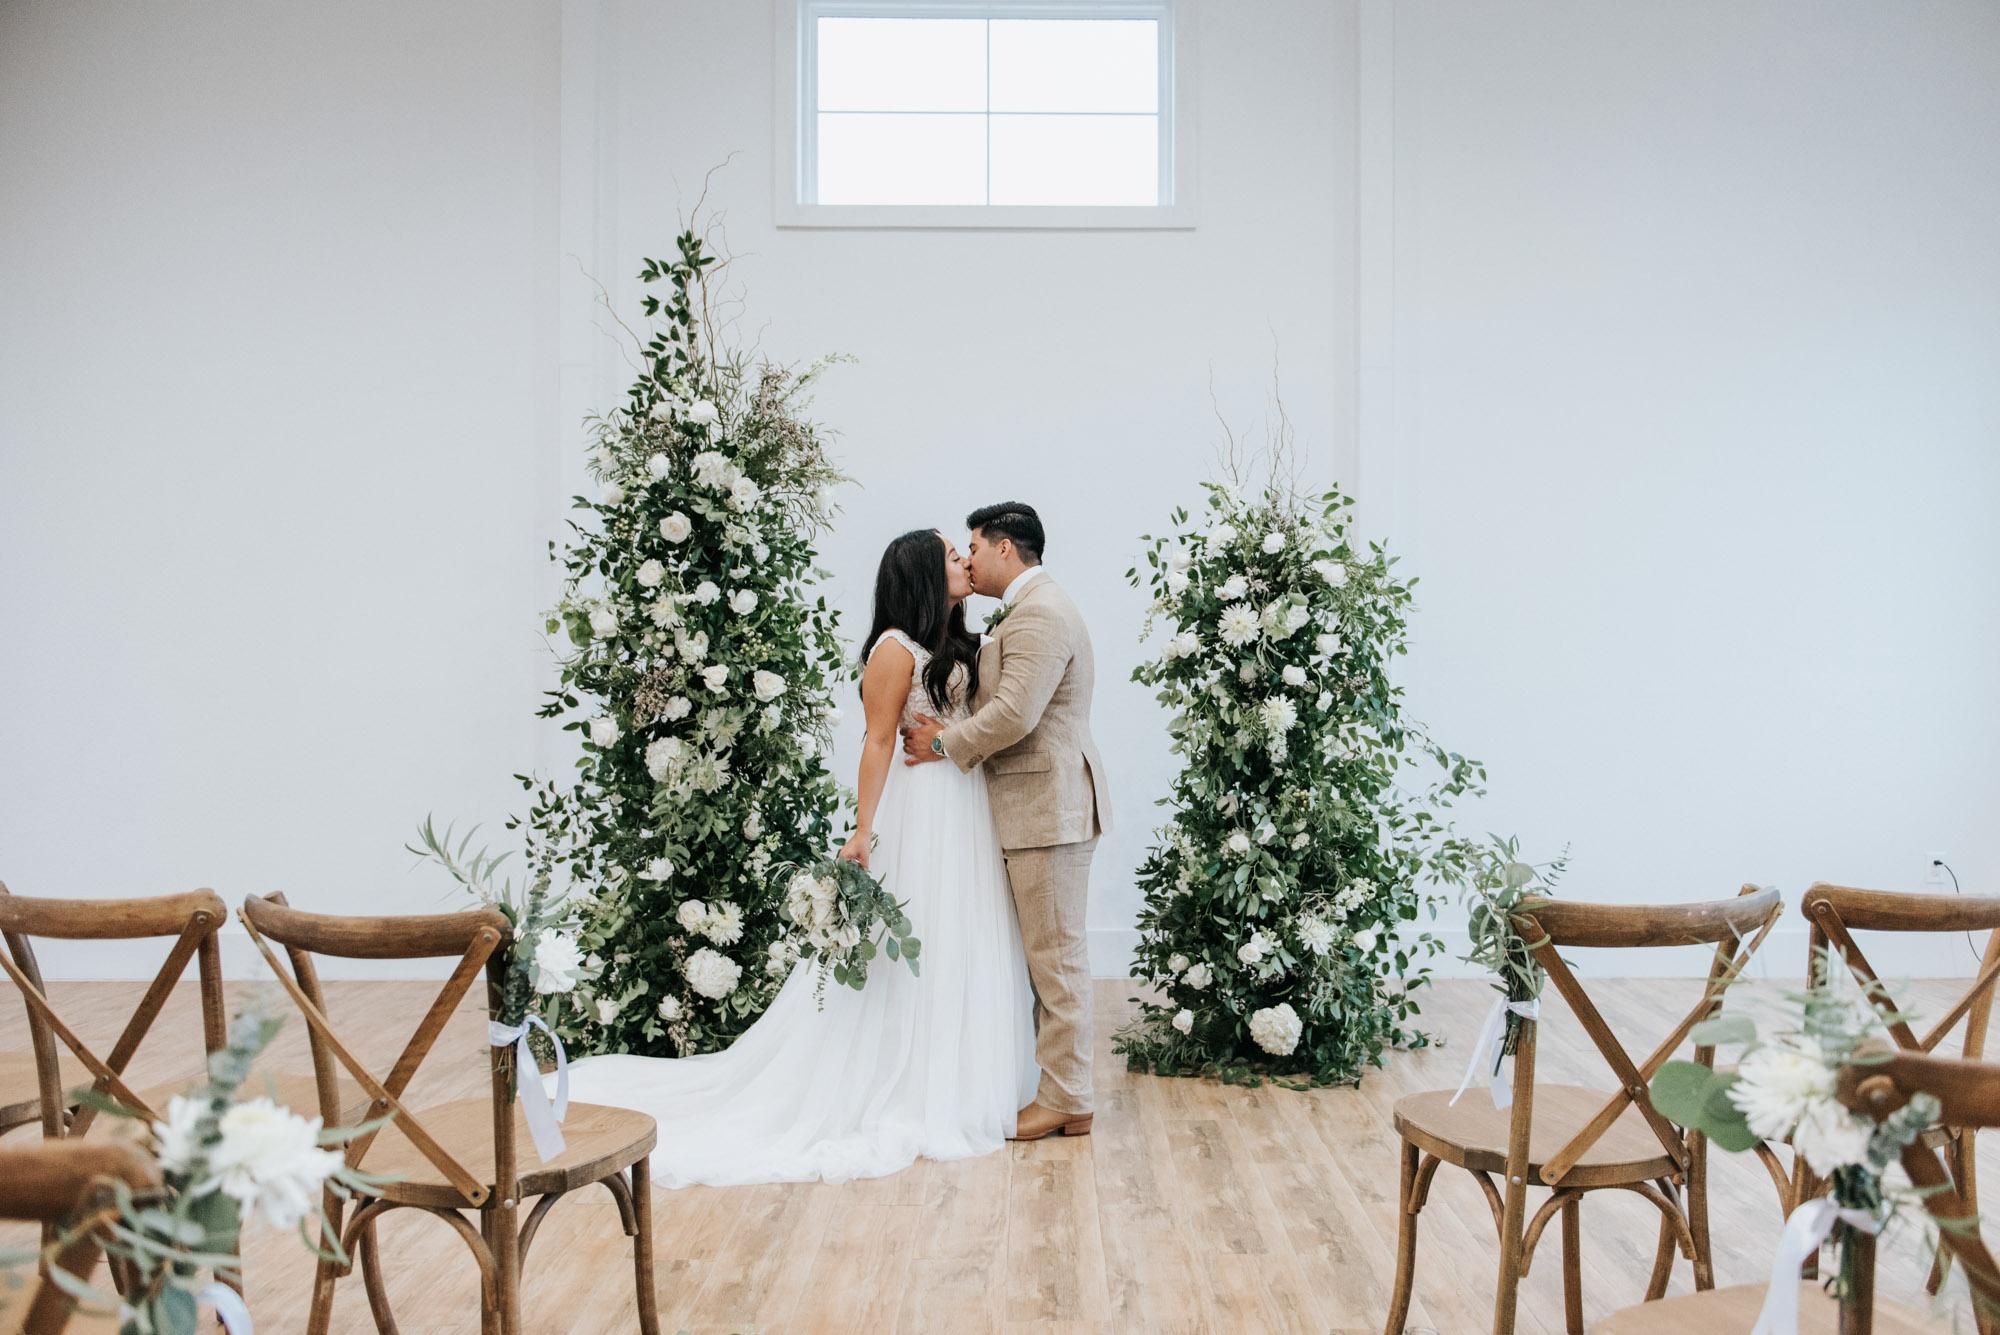 micro wedding in Dallas